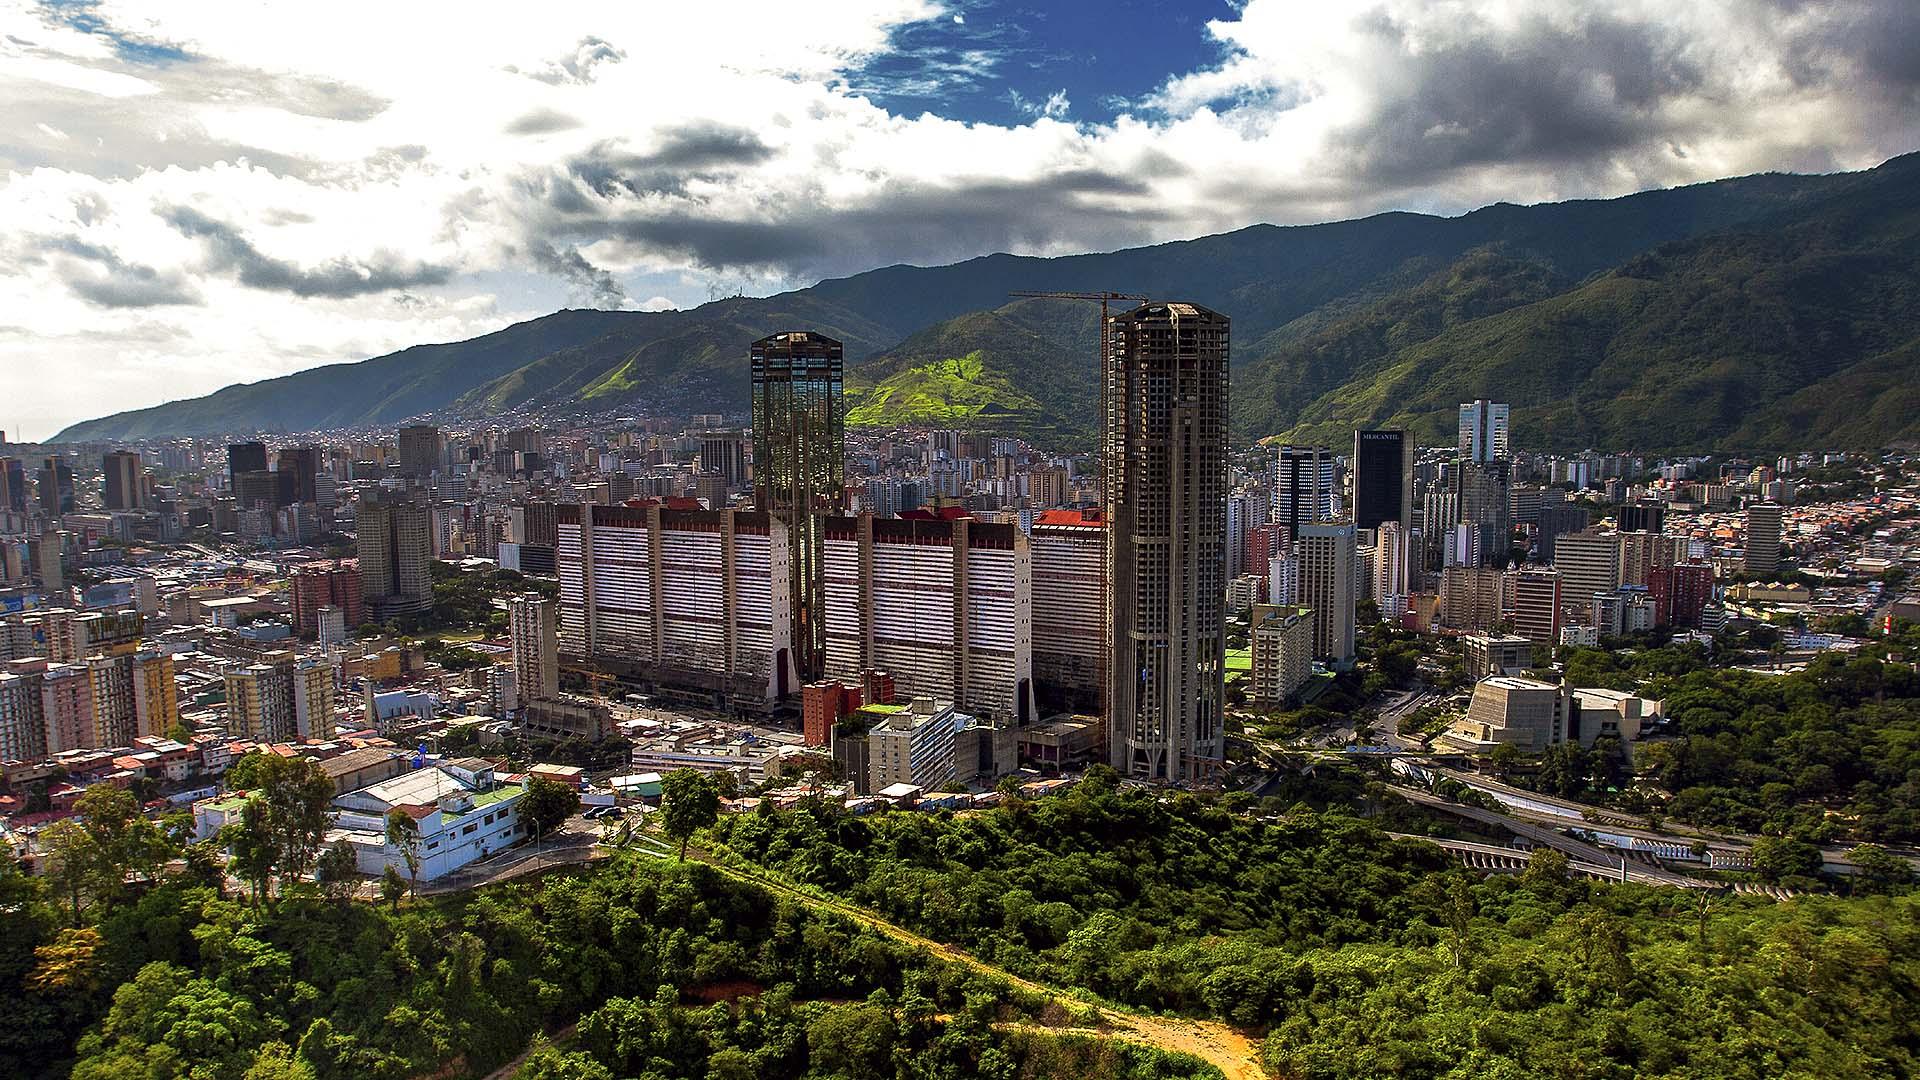 Prestar atención a logros de los venezolanos en cualquier ámbito, así como sentir orgullo por lo nuestro, plantearnos metas e imaginarnos lográndolas, puede ser clave